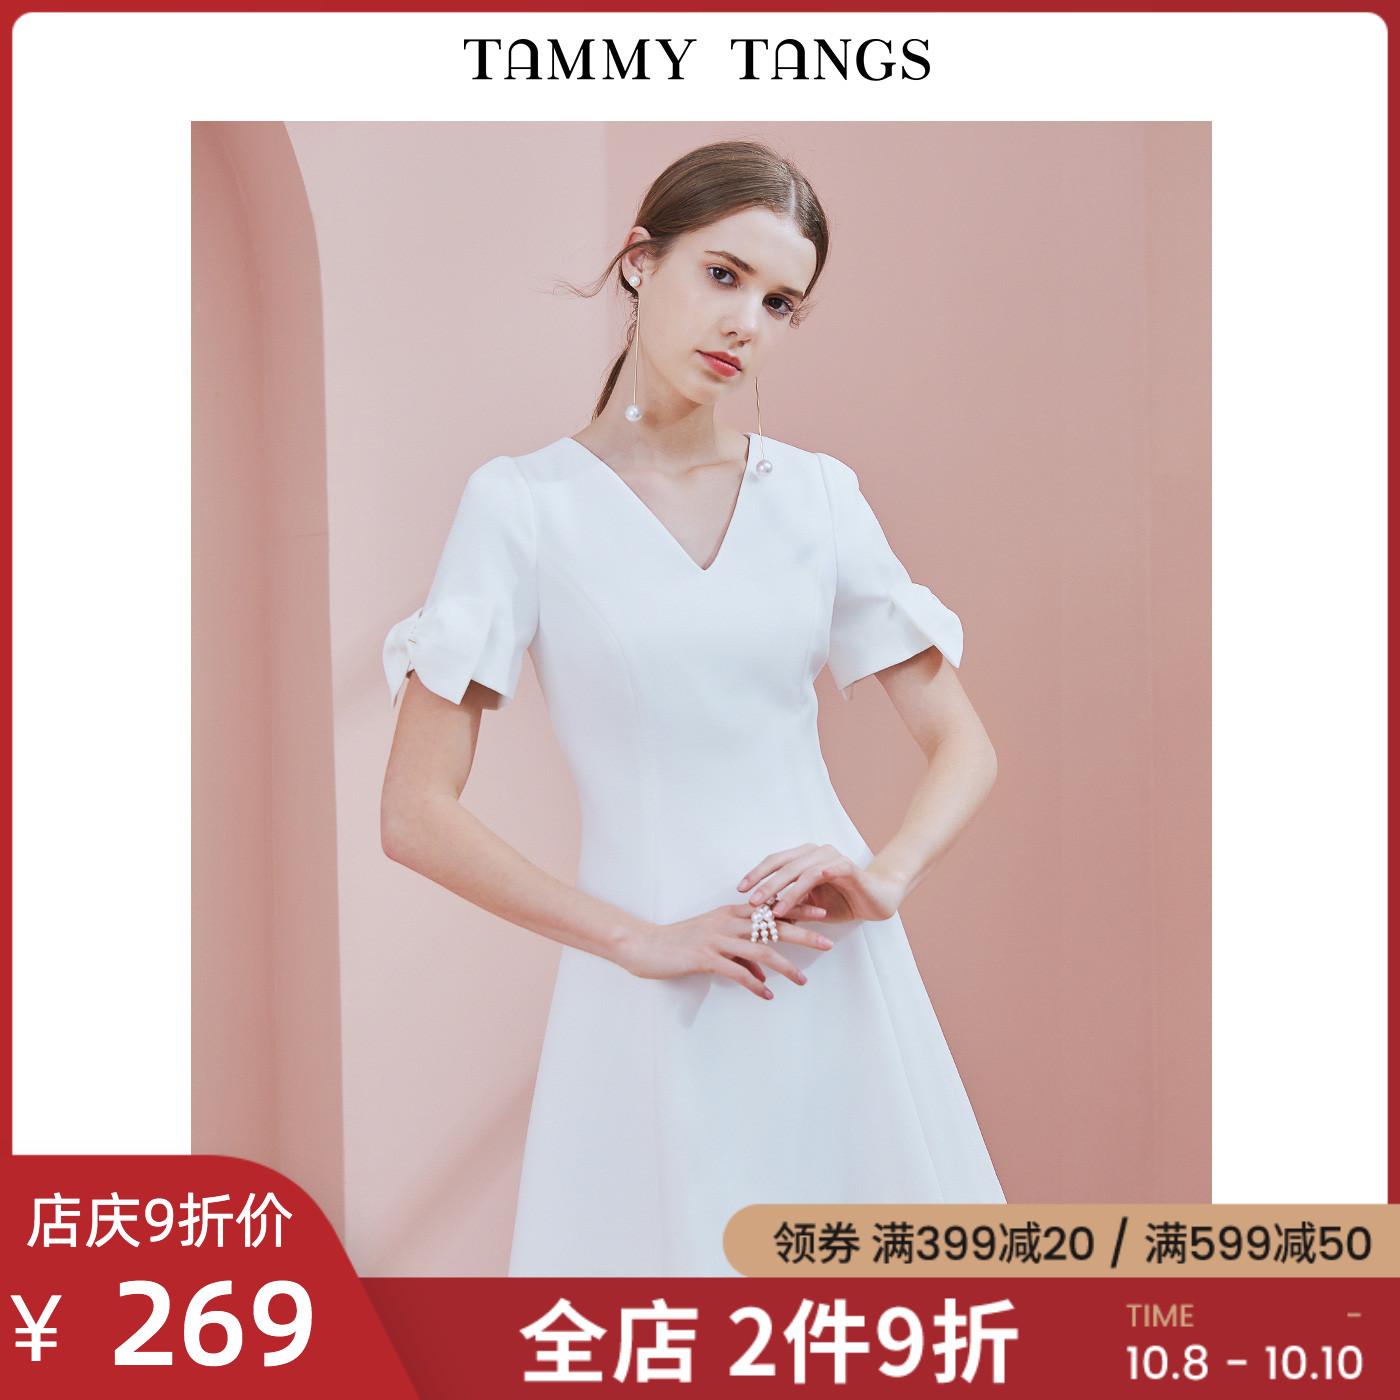 限3000张券糖力2019夏季新款白色v领夏连衣裙